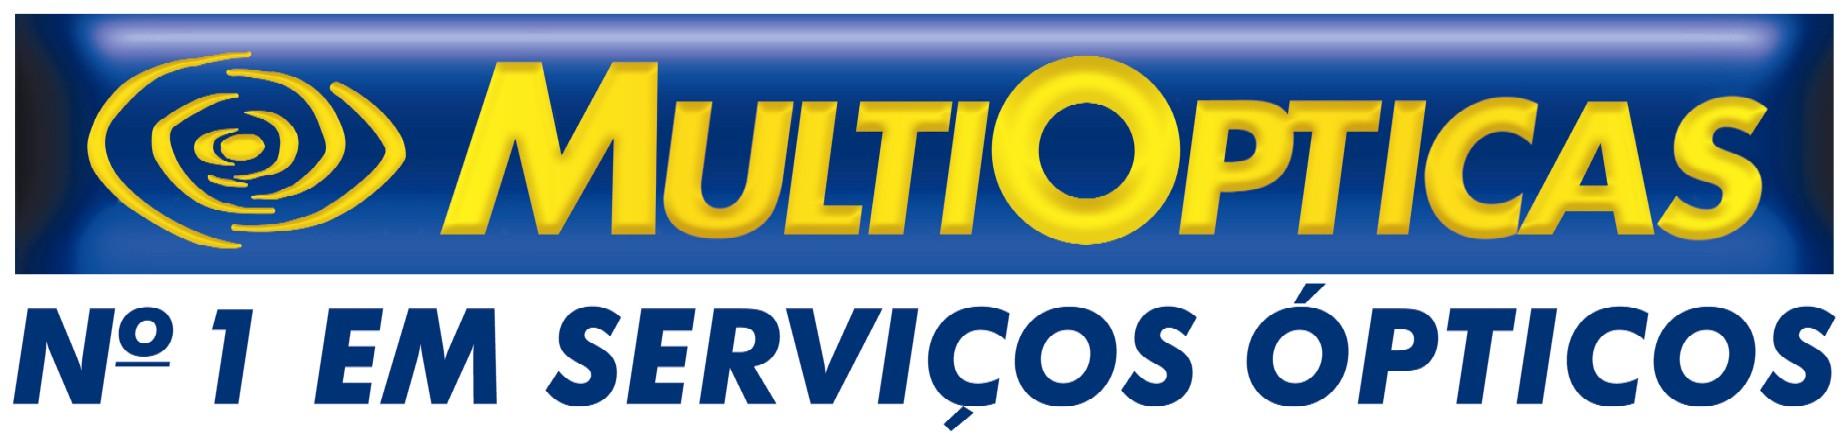 4289bee10 Jerónimo Martins assegura rastreios gratuitos para colaboradores ...